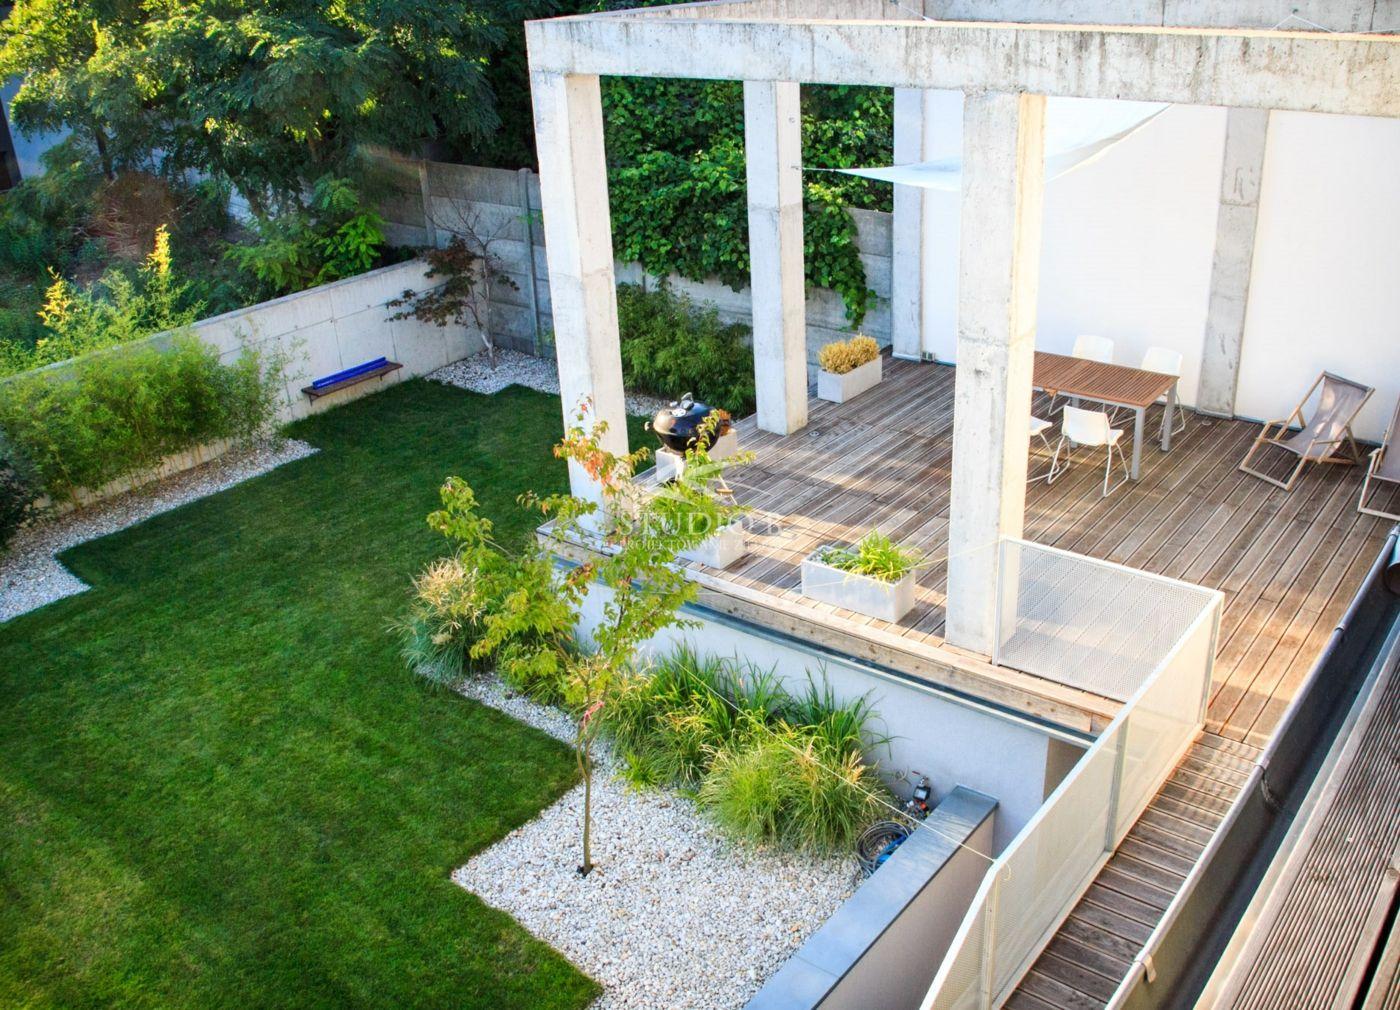 Beton Pergola Auf Einer Terrasse Als Moderner Akzent Und Kontrast Zu Holz Garten Gartengestaltung Garten Pflanzen